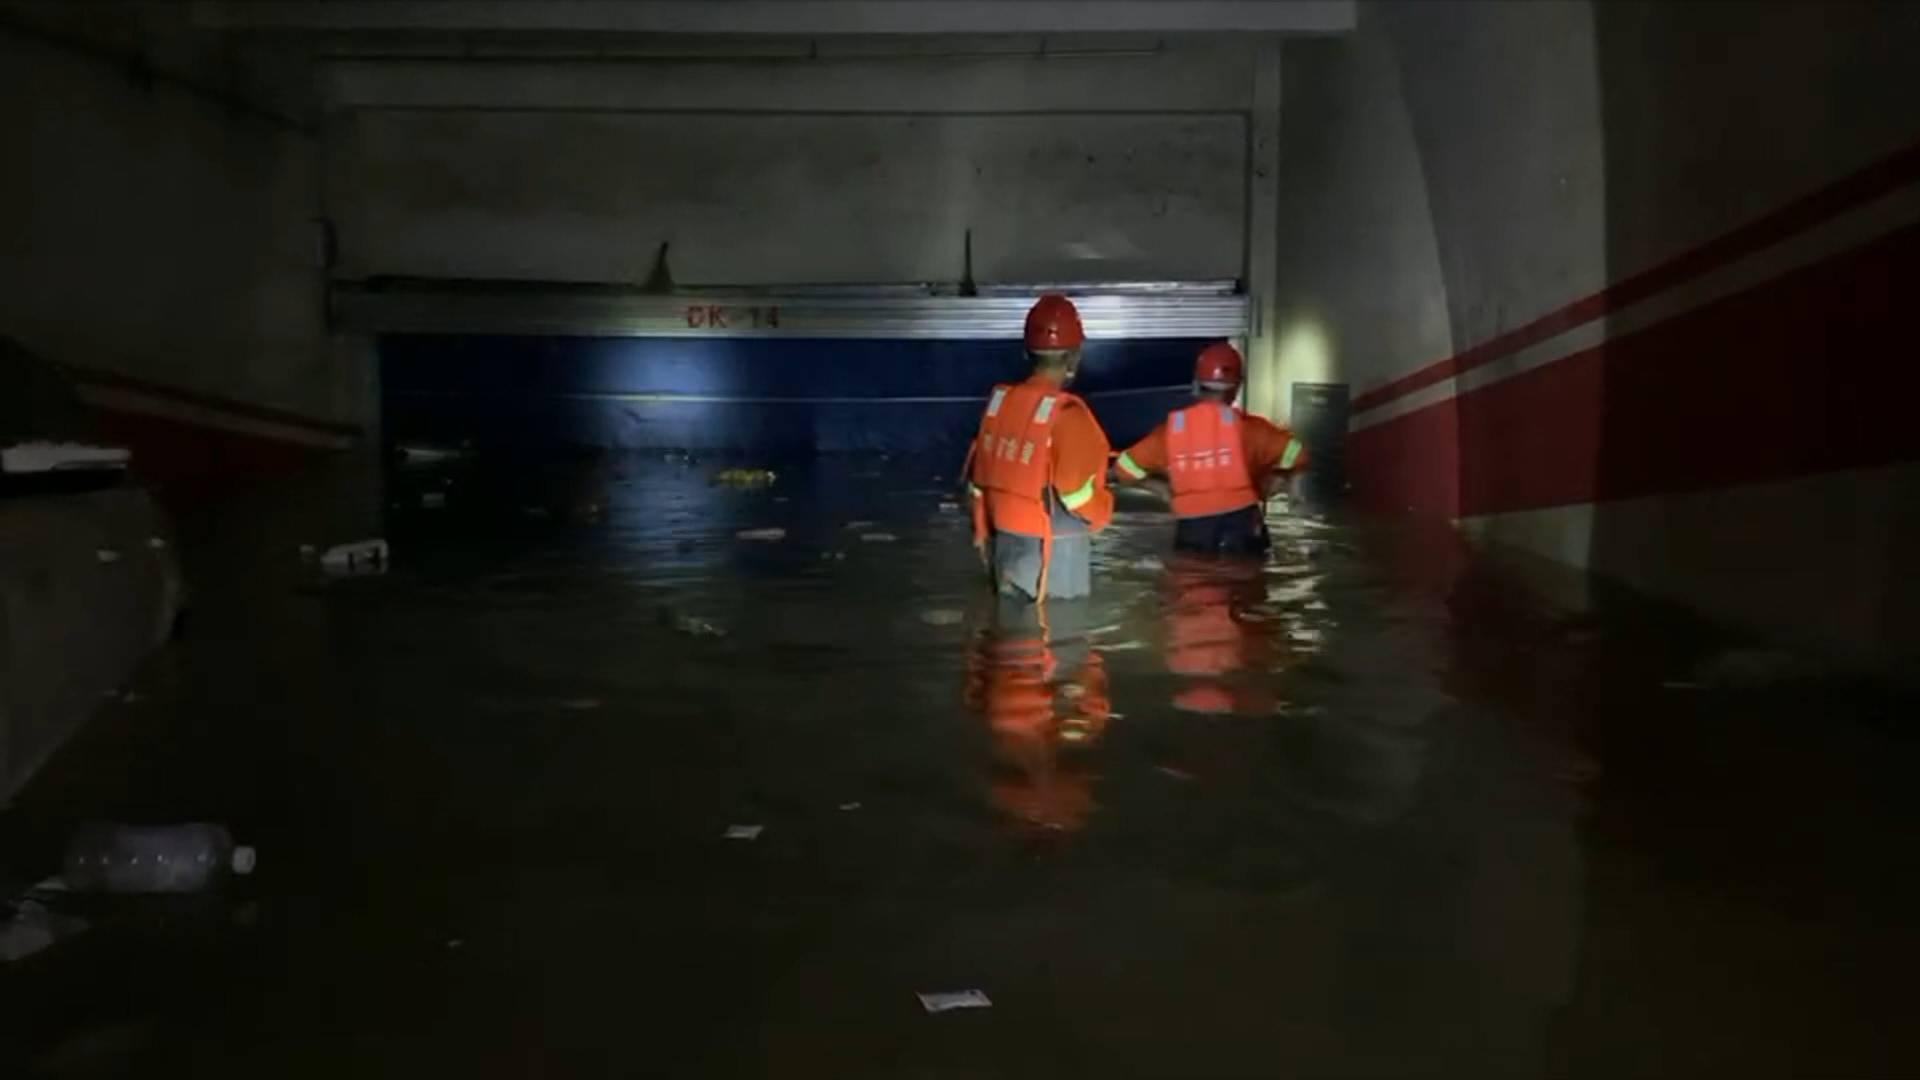 鲁豫同心 山河情深|郑州翰宇广场小区已恢复照明 晚上将正常供电